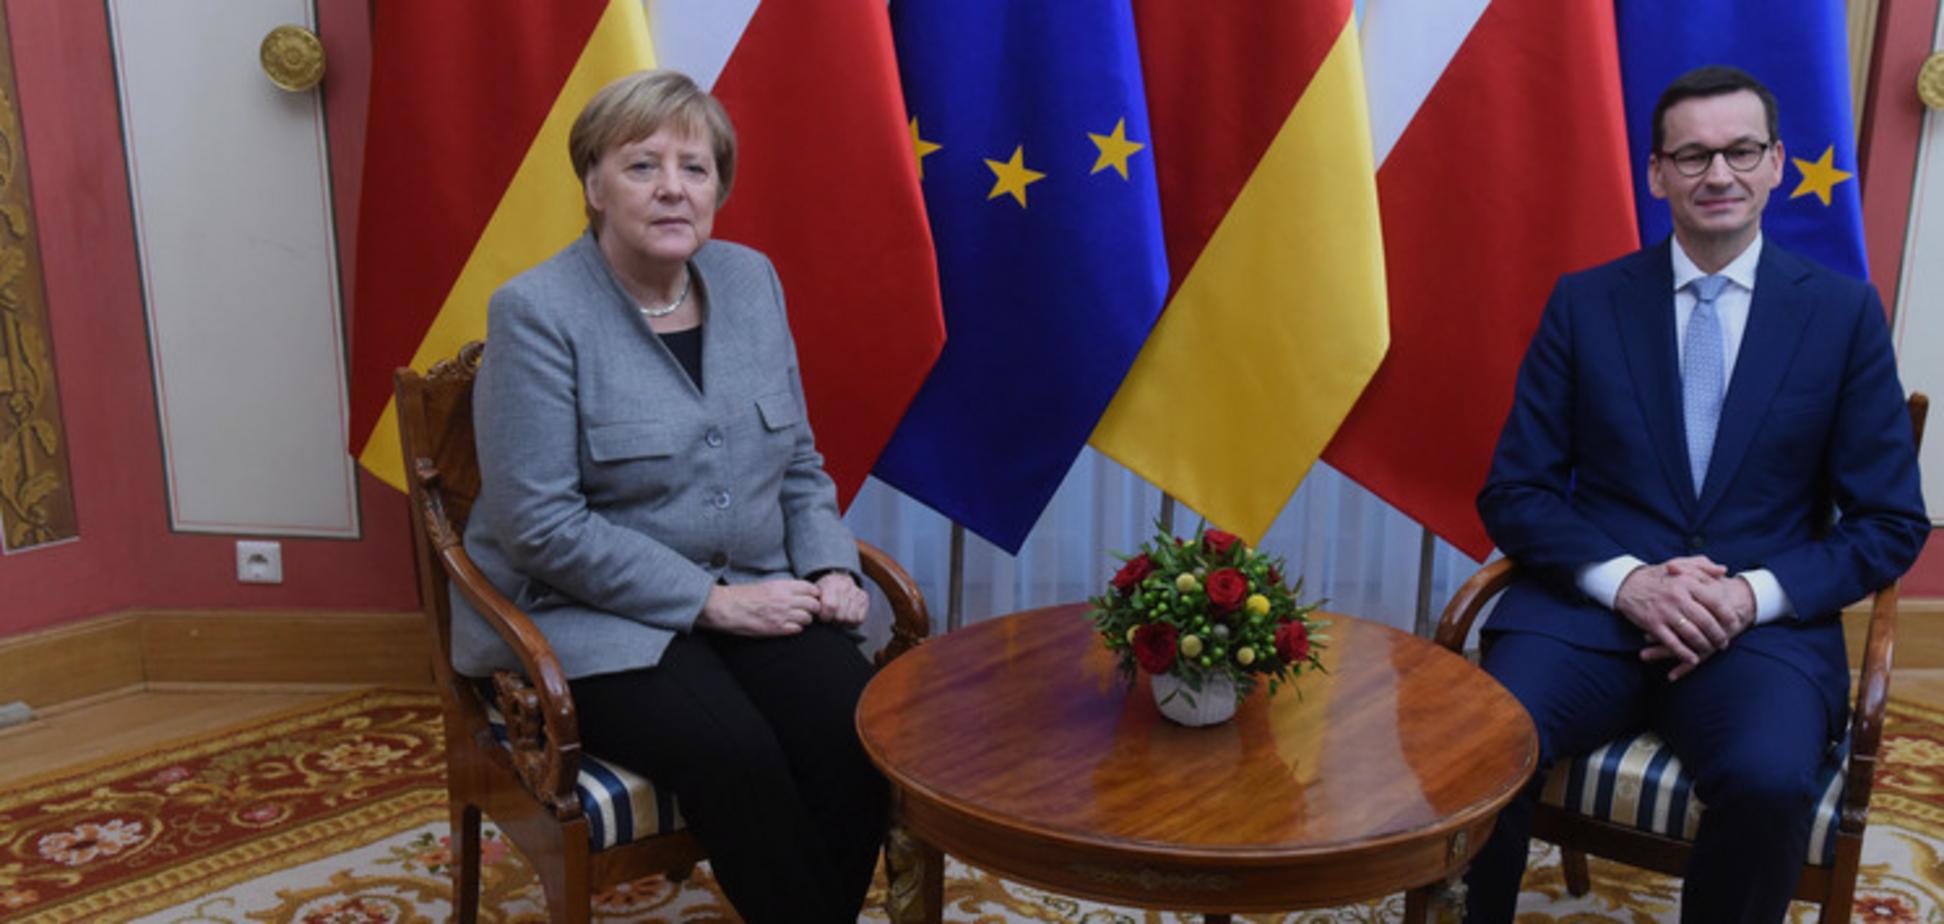 Меркель після України вирушила до Польщі: стали відомі подробиці